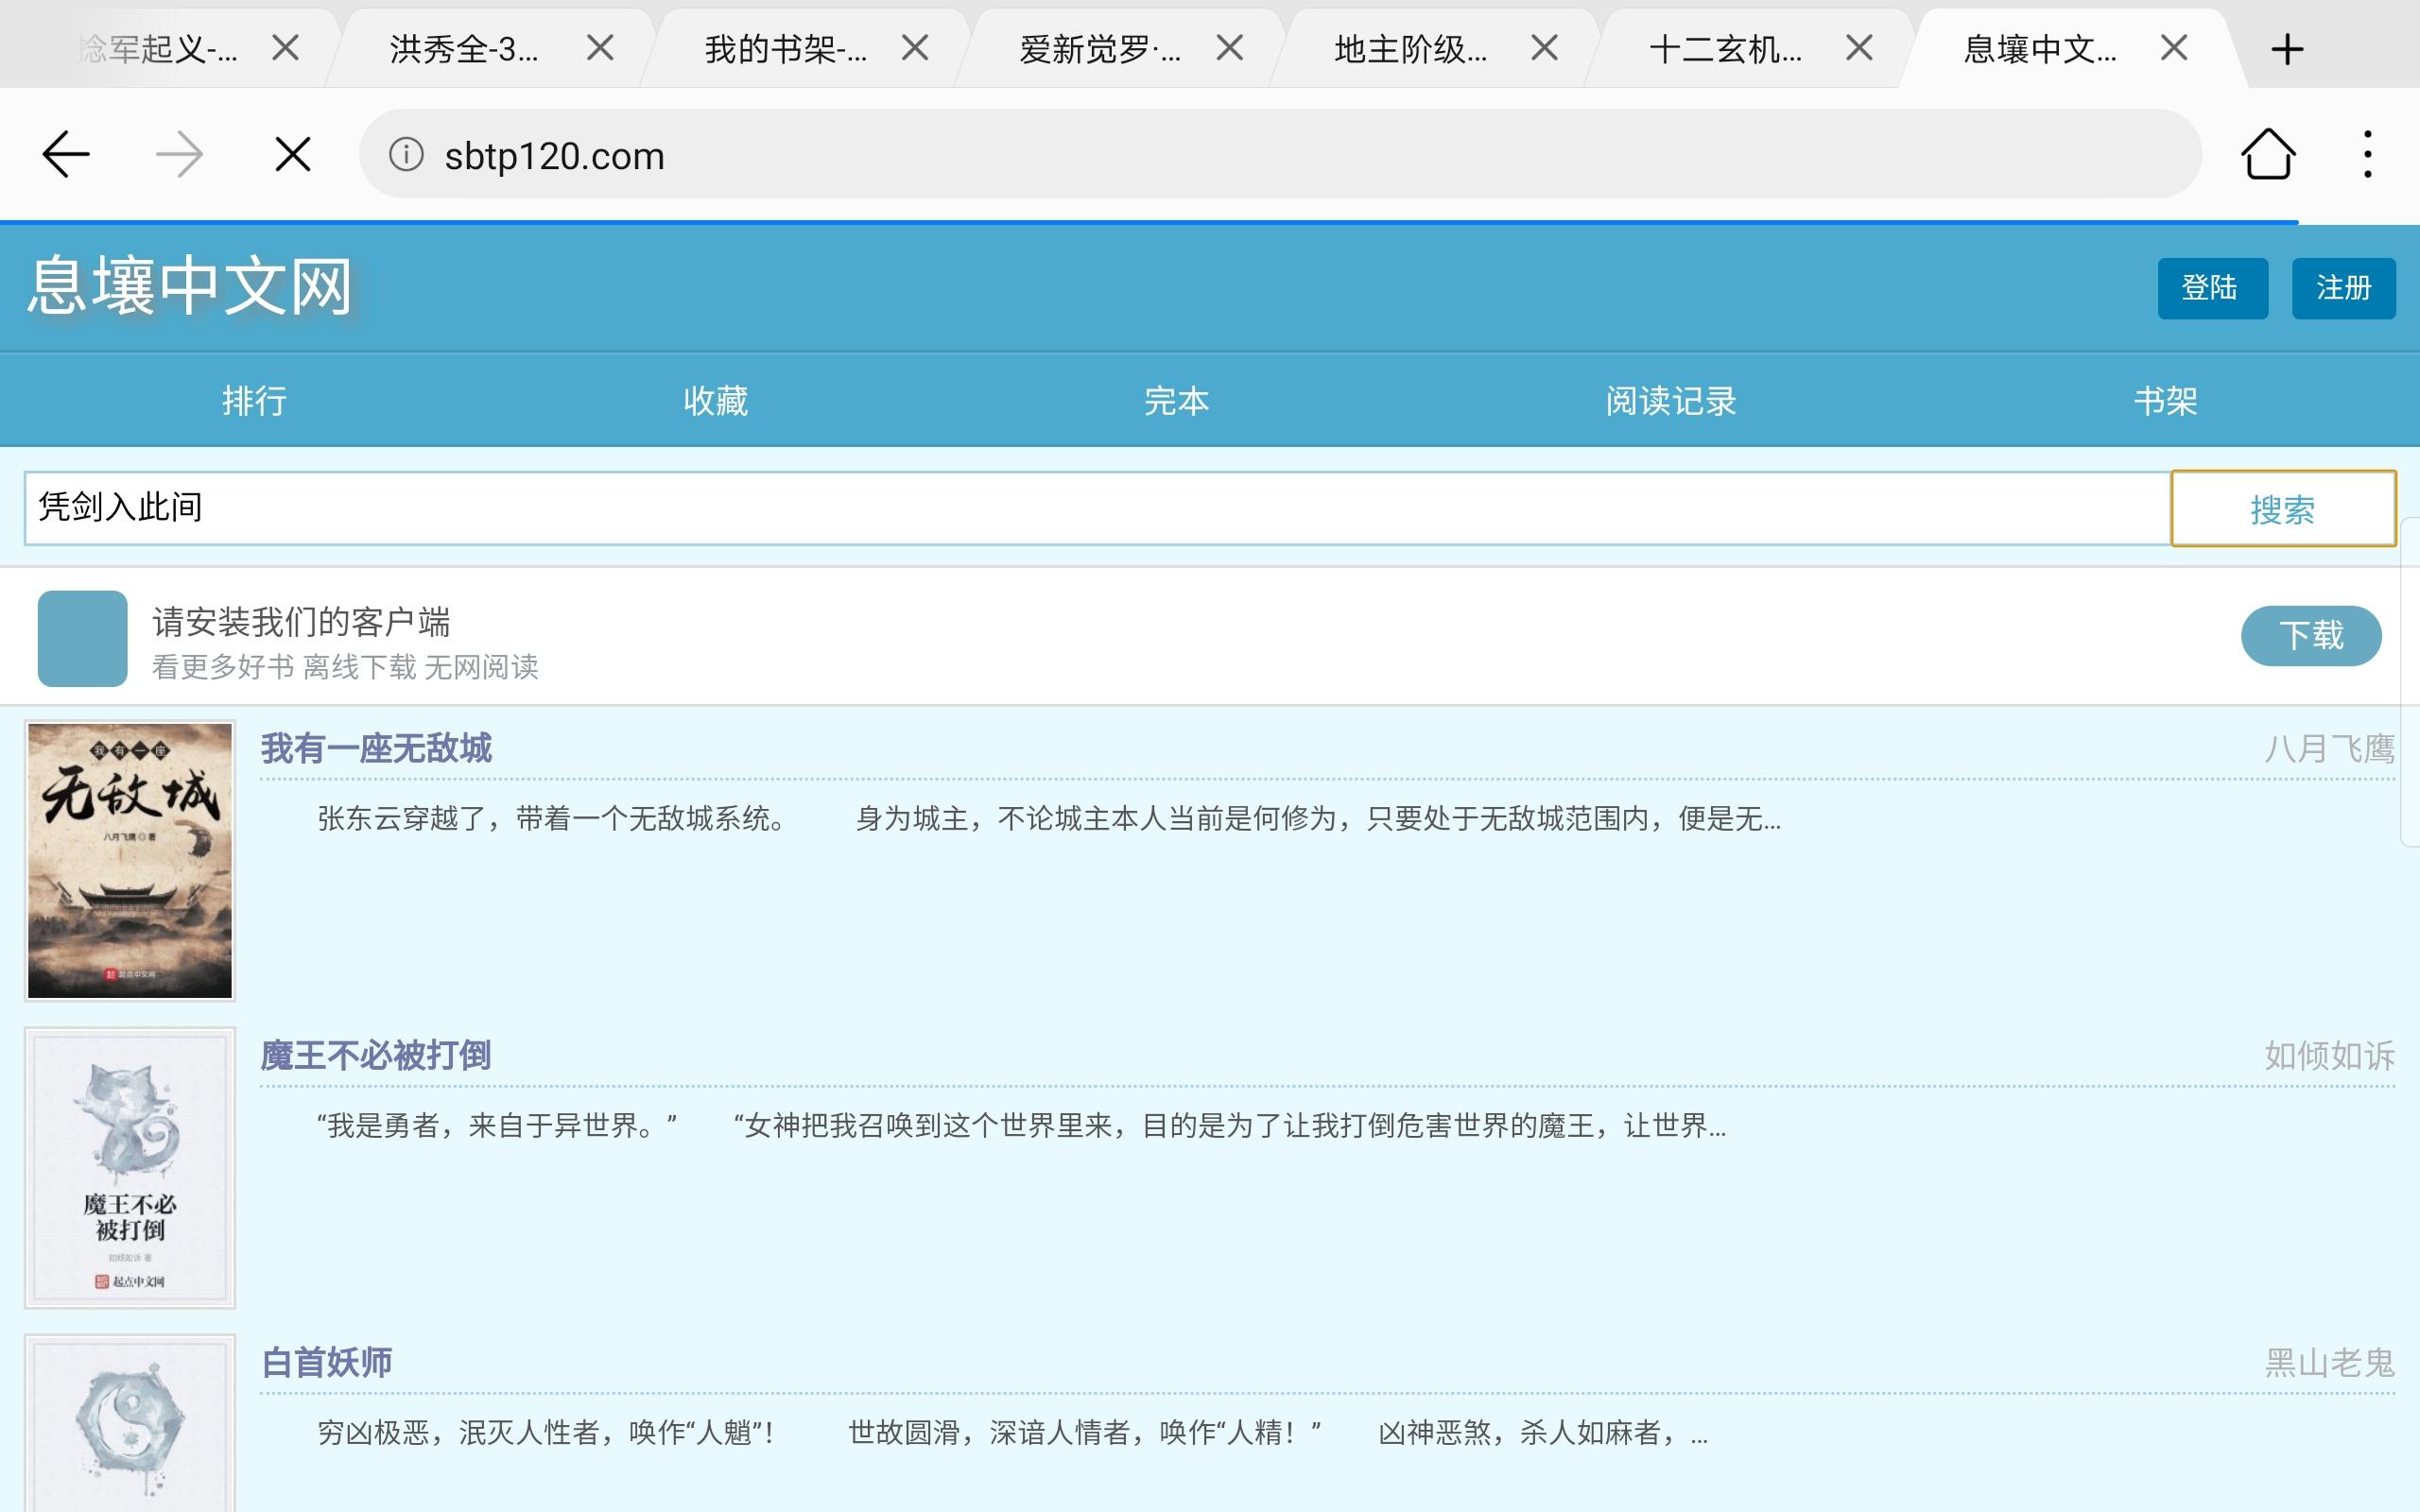 """发现了""""息壤中文网""""同名网站,网址:www.sbtp120.com"""